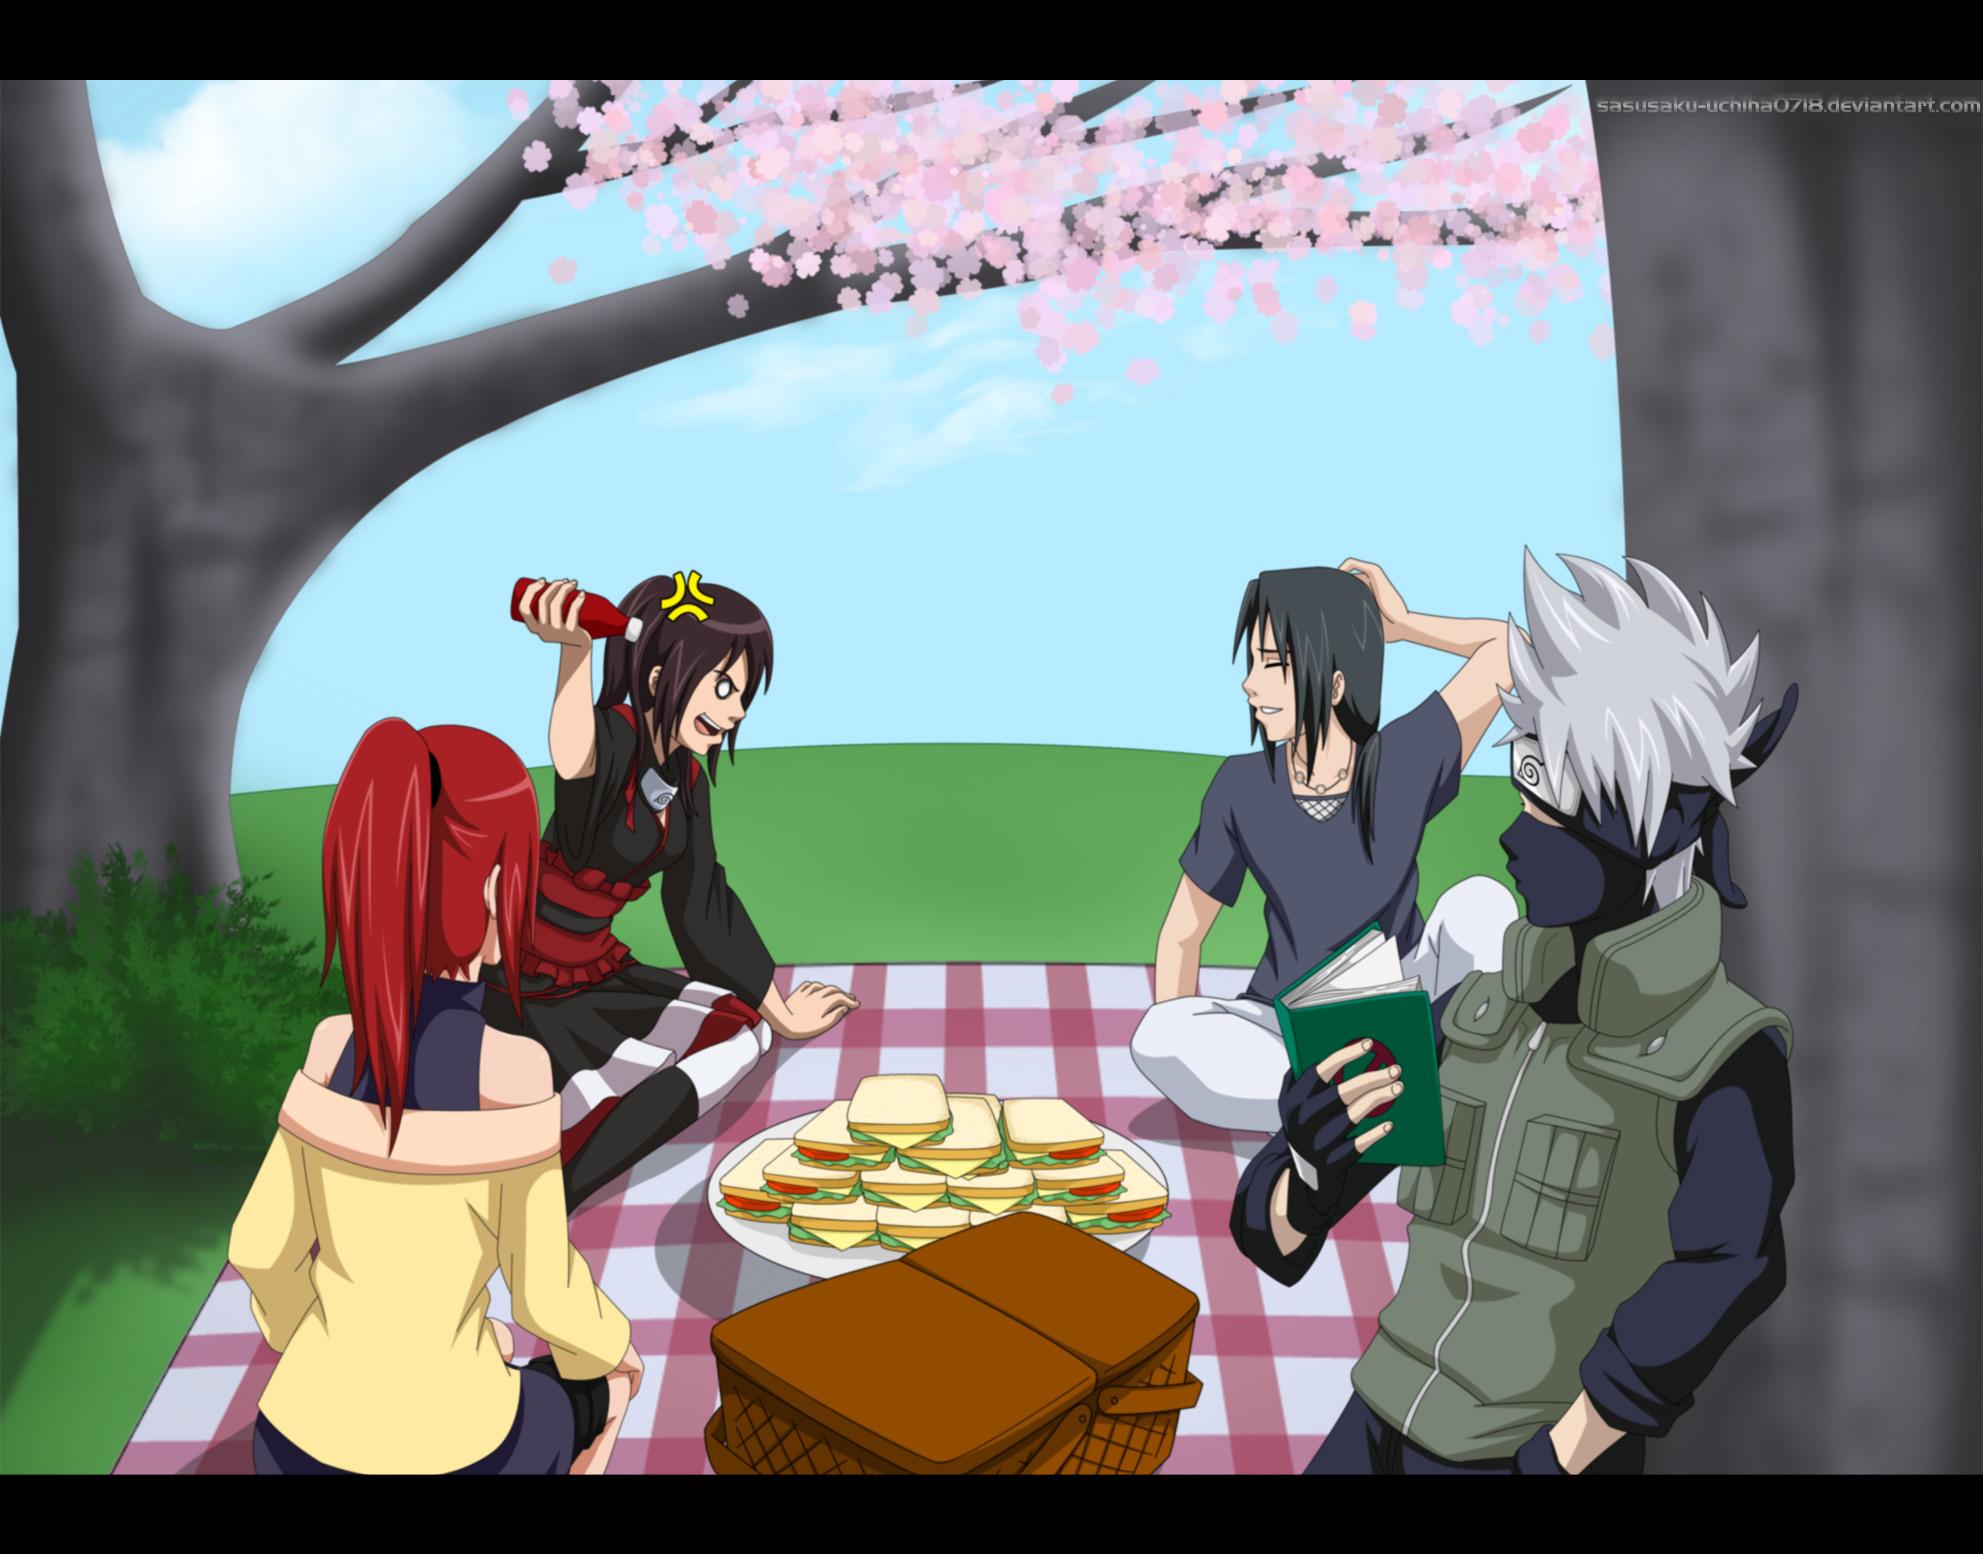 Sasuke uchiha art 2